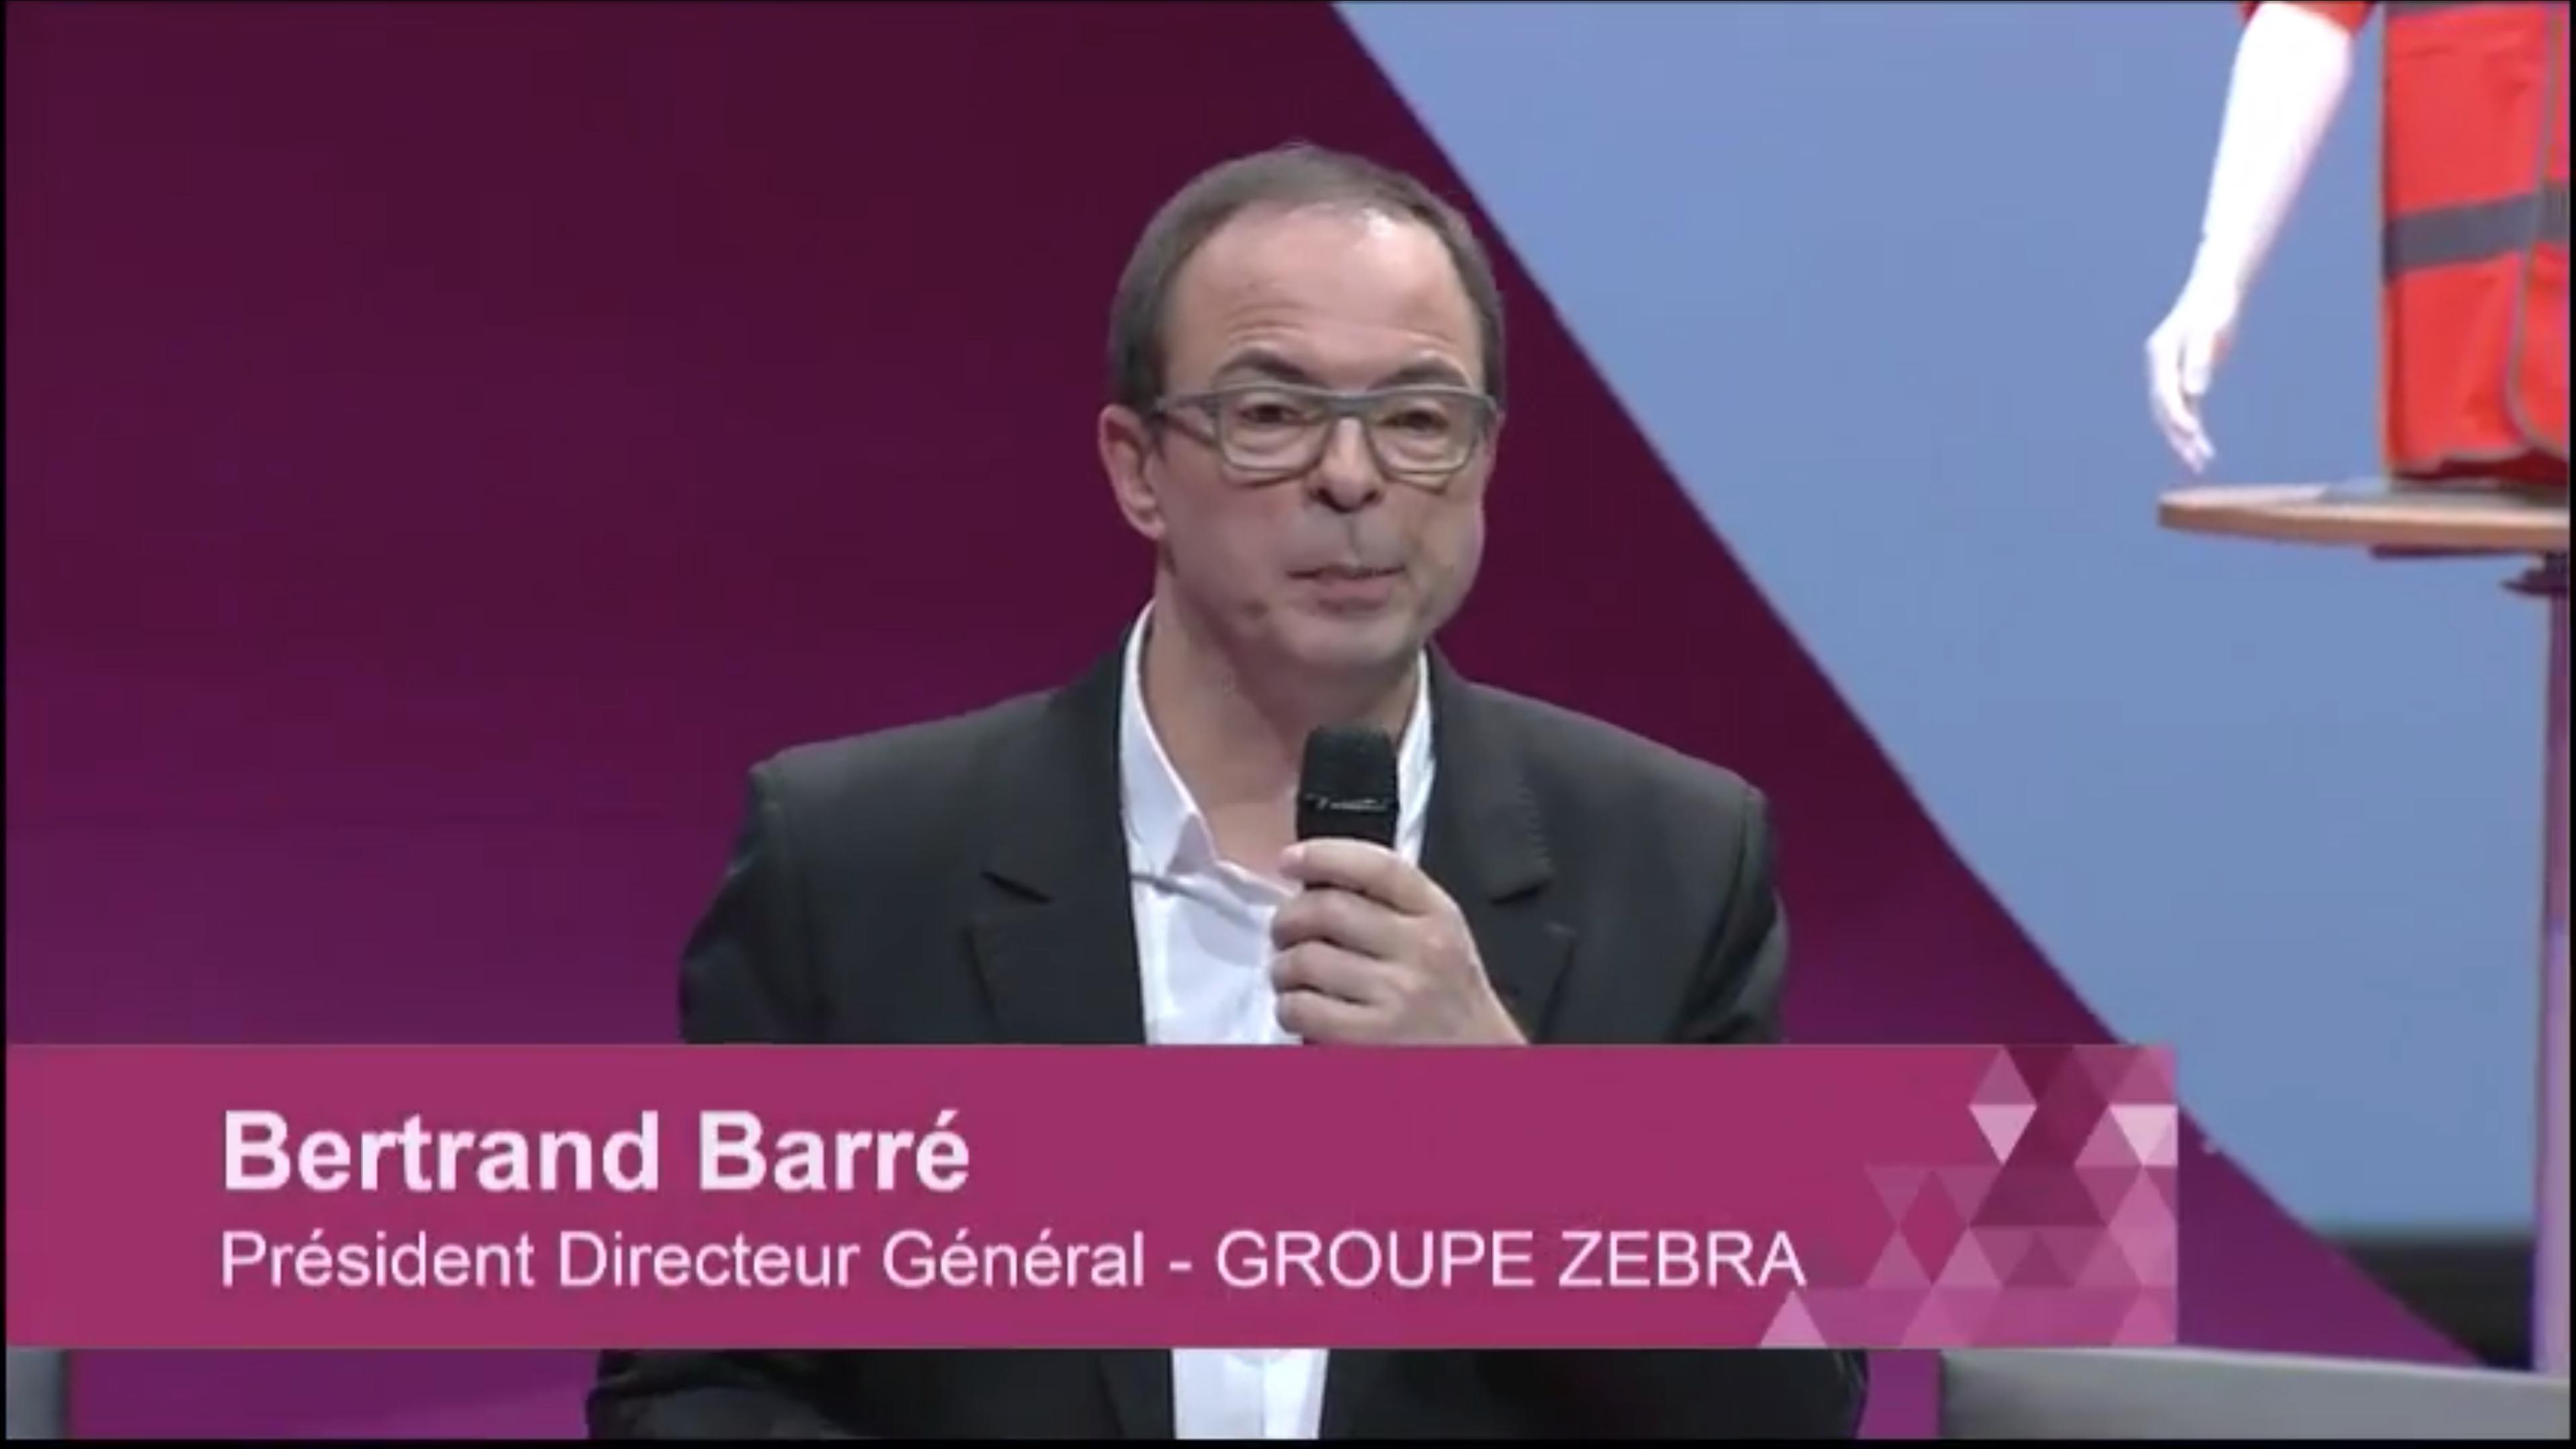 Bertrand Barré en direct du congrès Entreprise du futur